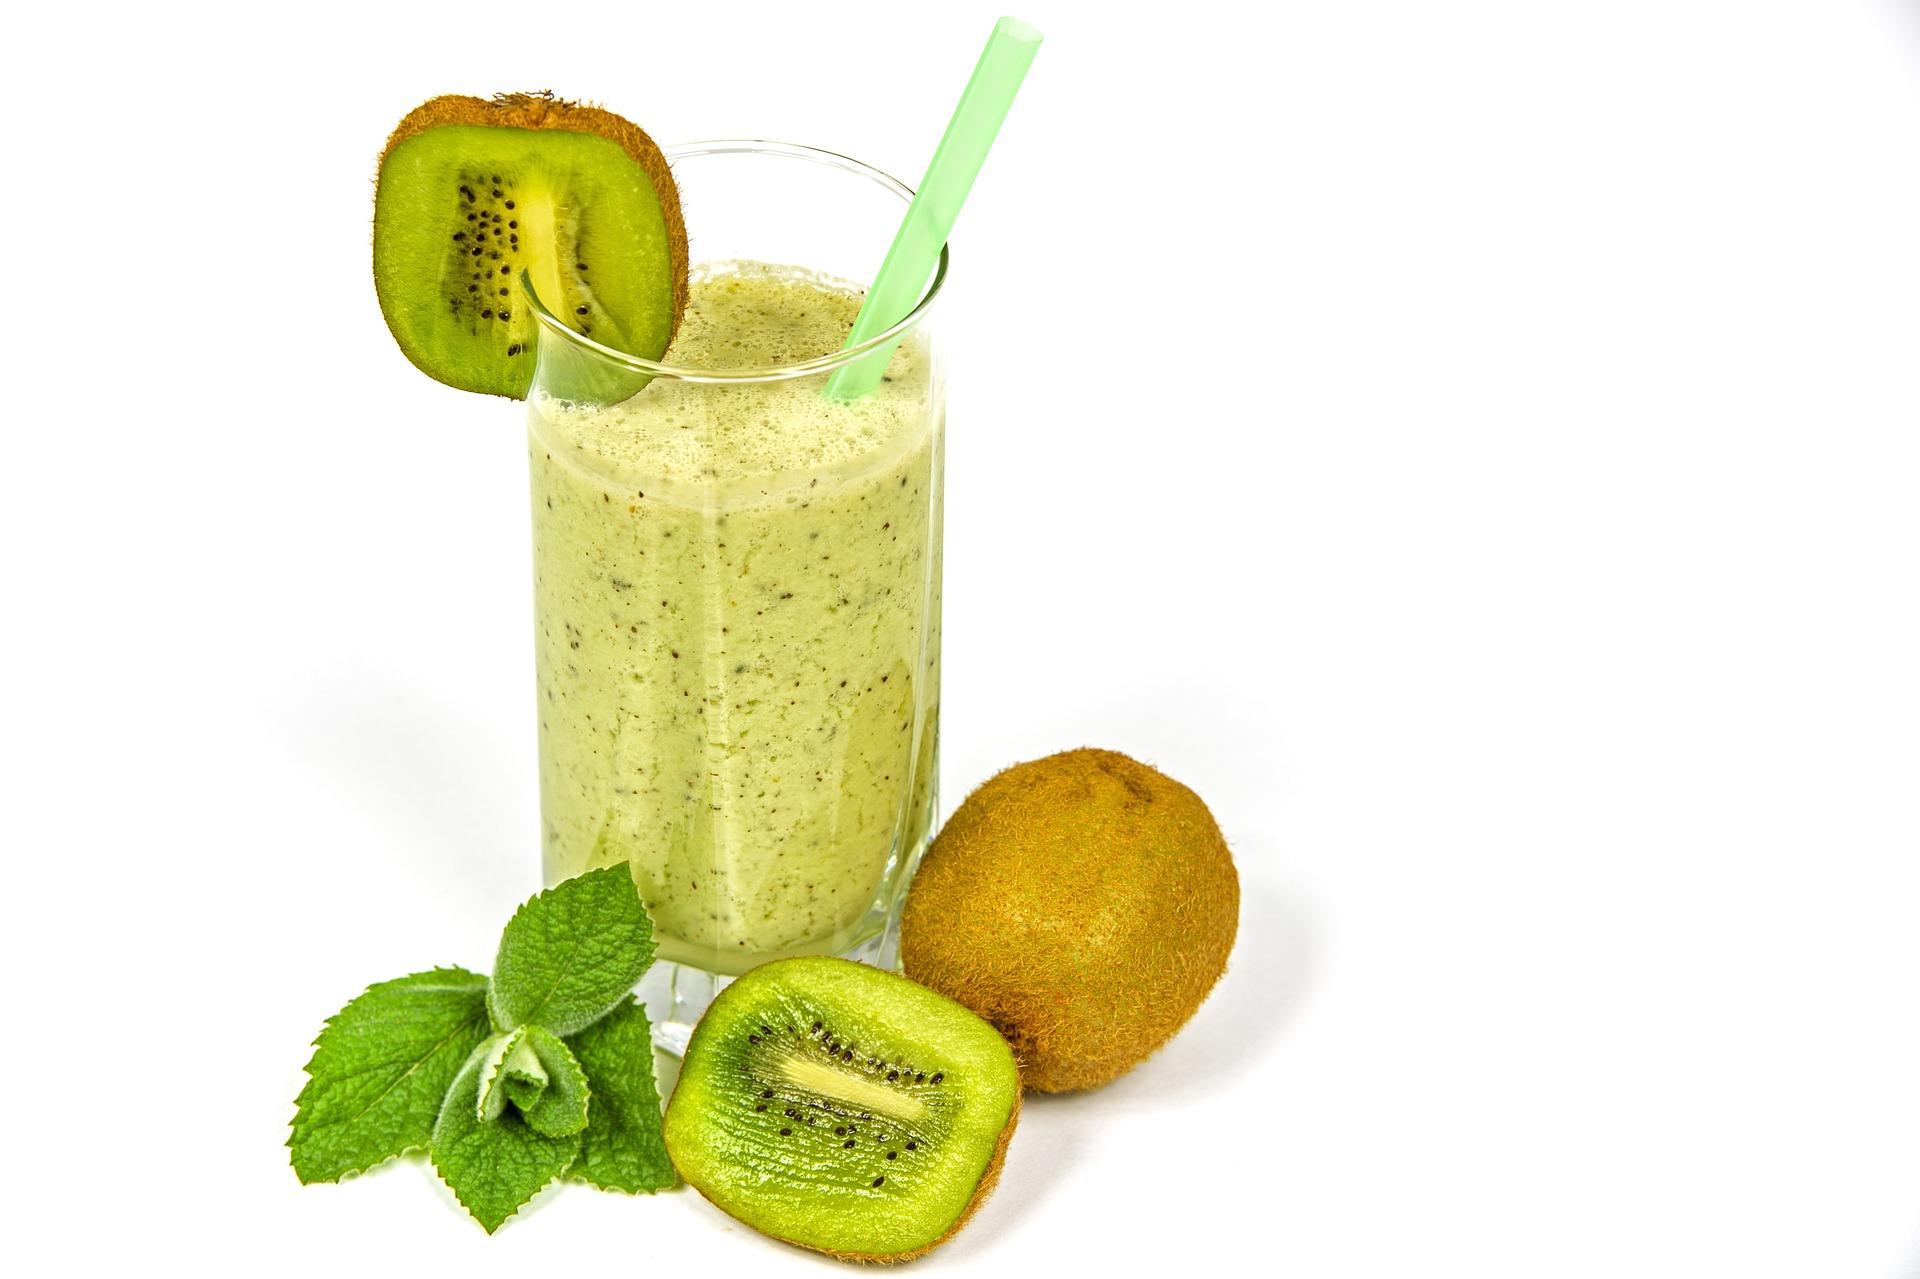 Bio Protein Drink - Kaufideen. Beste Bio Protein Drinks finden